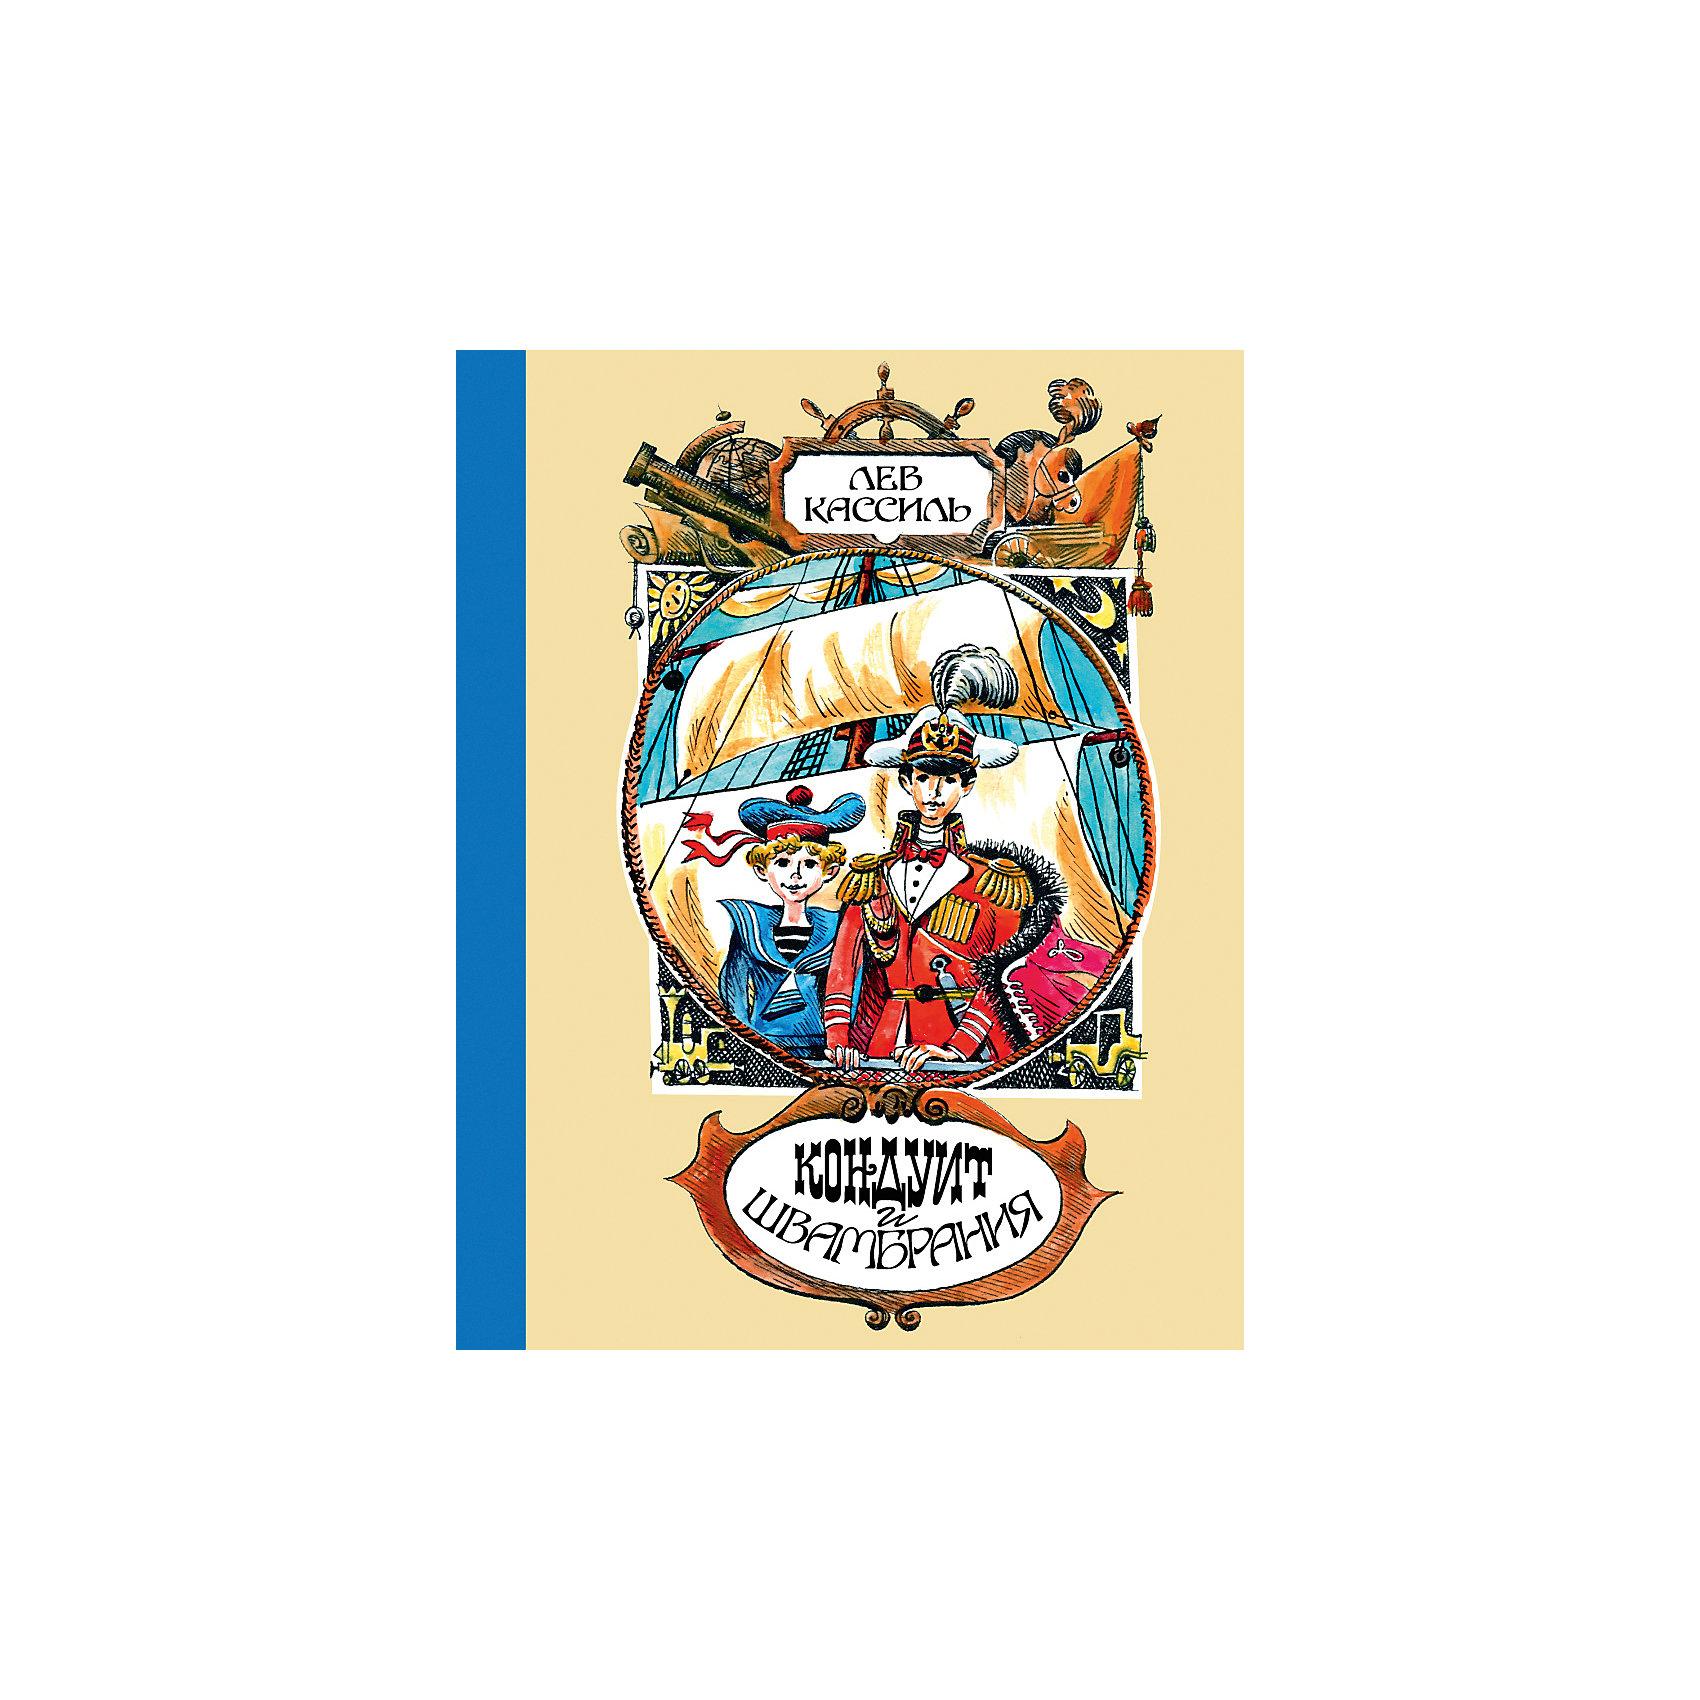 Кондуит и Швамбрания, Л.А. КассильСказки, рассказы, стихи<br>Двое детей из докторской семьи из Покровска — Лёля и Оська придумывают воображаемую страну Швамбранию. Эта страна находится в Тихом океане и по размерам сравнима с Австралией. Швамбрания — настоящий рай для любителей приключений, отважных мореходов и исследователей, она воплощает все детские фантазии, там нет бедных и богатых, там не подают руки жадине и лжецу, там можно укрыться от докучливой гимназии и страшной книги под названием  «кондуит»… Но оказывается, войны и революции потрясают не только придуманные государства — настоящая жизнь со всеми ее трудностями однажды становится для юных швамбран важнее сказочной страны.<br>«Кондуит и Швамбрания» —   это потрясающая автобиографическая повесть советского писателя Льва Кассиля.<br>Это история двух мальчиков, взрослеющих на фоне грандиозных исторических событий — Первой мировой войны, свержения самодержавия и Октябрьской революции.<br>Яркие и остроумные образы персонажей «Кондуита и Швамбрании» не оставят ни одного ребенка равнодушным! <br><br>Дополнительная информация: <br><br>Автор: Лев Абрамович Кассиль;<br>Формат: 21х16,5см;<br>Переплет: твердый переплет;<br>Иллюстрации: цветные;<br>Страниц: 352;<br>Вес: 743 г.;<br>Производитель: Махаон, Россия.<br>Год выпуска: 2015;<br><br>Познавательную повесть Кондуит и Швамбрания не оставит равнодушным вашего ребенка!<br><br>ПовестьКондуит и Швамбрания можно купить в нашем магазине.<br><br>Ширина мм: 210<br>Глубина мм: 165<br>Высота мм: 29<br>Вес г: 743<br>Возраст от месяцев: 132<br>Возраст до месяцев: 168<br>Пол: Унисекс<br>Возраст: Детский<br>SKU: 4725966